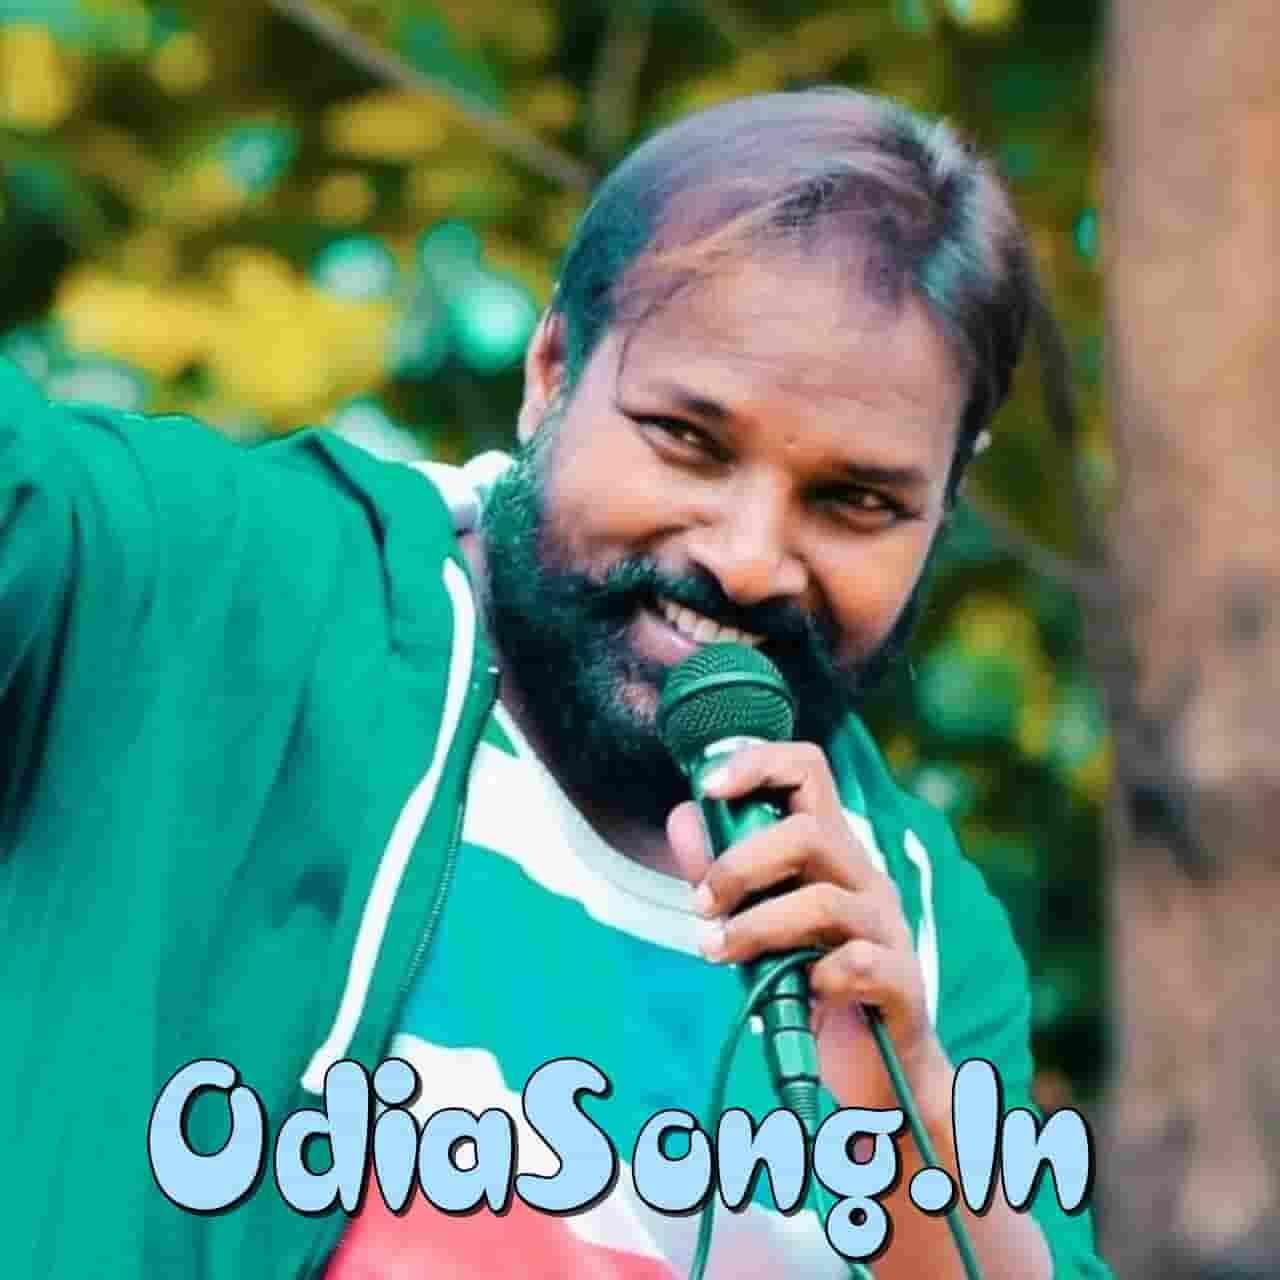 Tate Bhalpai Suna - New Sambalpuri Song By Ruku Suna